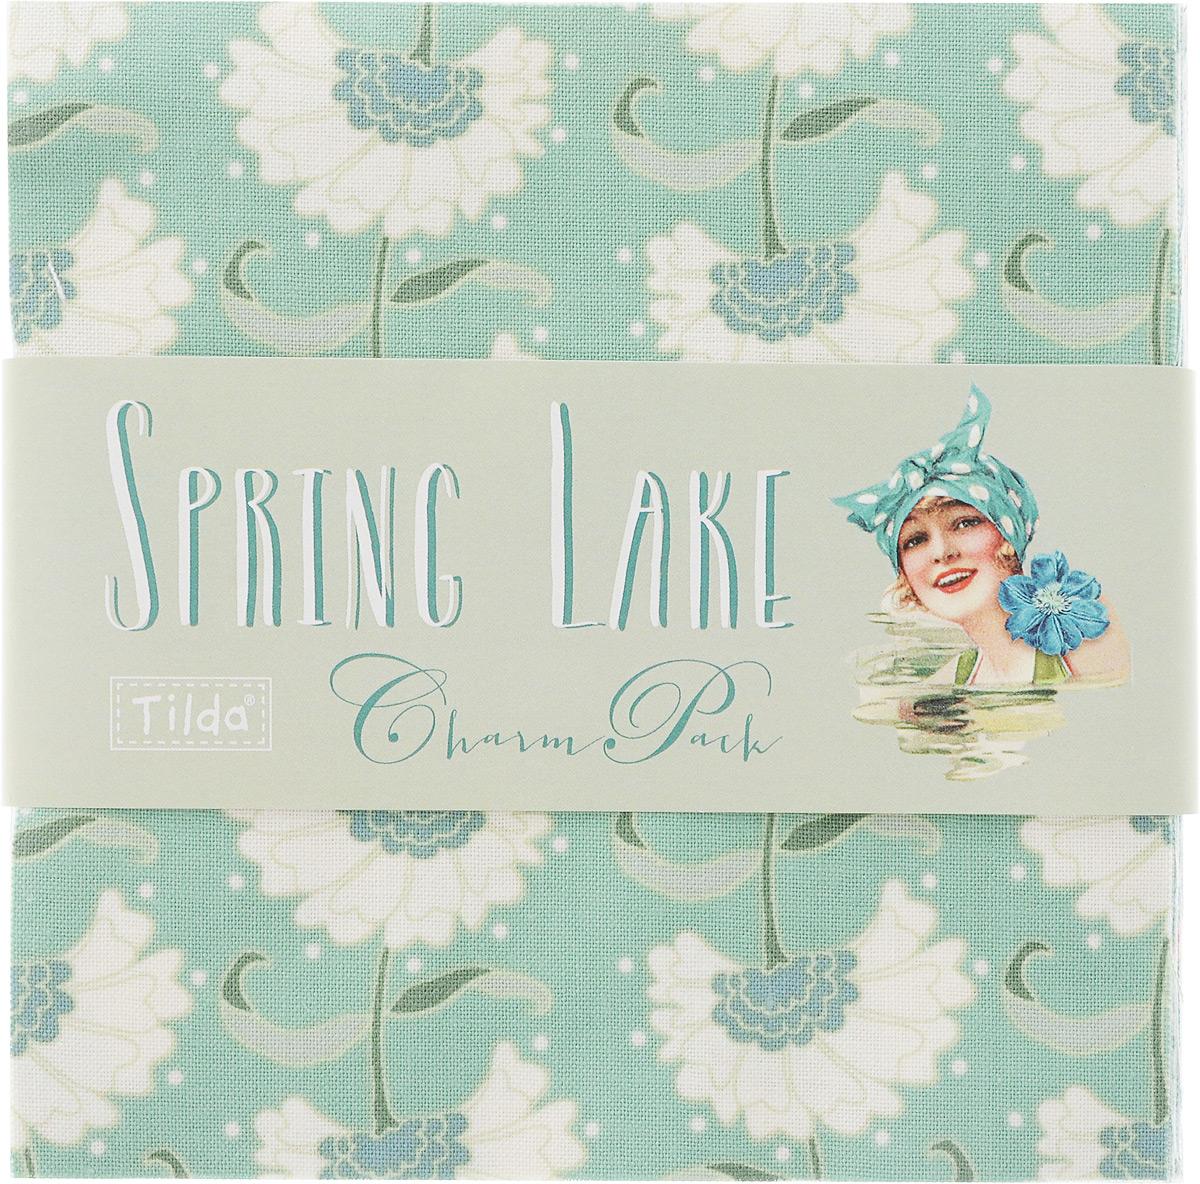 Набор отрезов ткани Tilda Spring Lake, 12,5 х 12,5 см, 42 шт210480822Набор Tilda Spring Lake состоит из 42 отрезов ткани - по 2 штуки каждого дизайна, выполненных из 100% натурального хлопка. Такие отрезы ткани прекрасно подойдут для декора и оформления творческих работ в различных техниках, таких как скрапбукинг, шитье, декор, изготовление бижутерии, бантиков. Ткань разнообразит вашу работу и добавит вдохновения для новых идей. Размер отреза: 12,5 х 12,5 см.